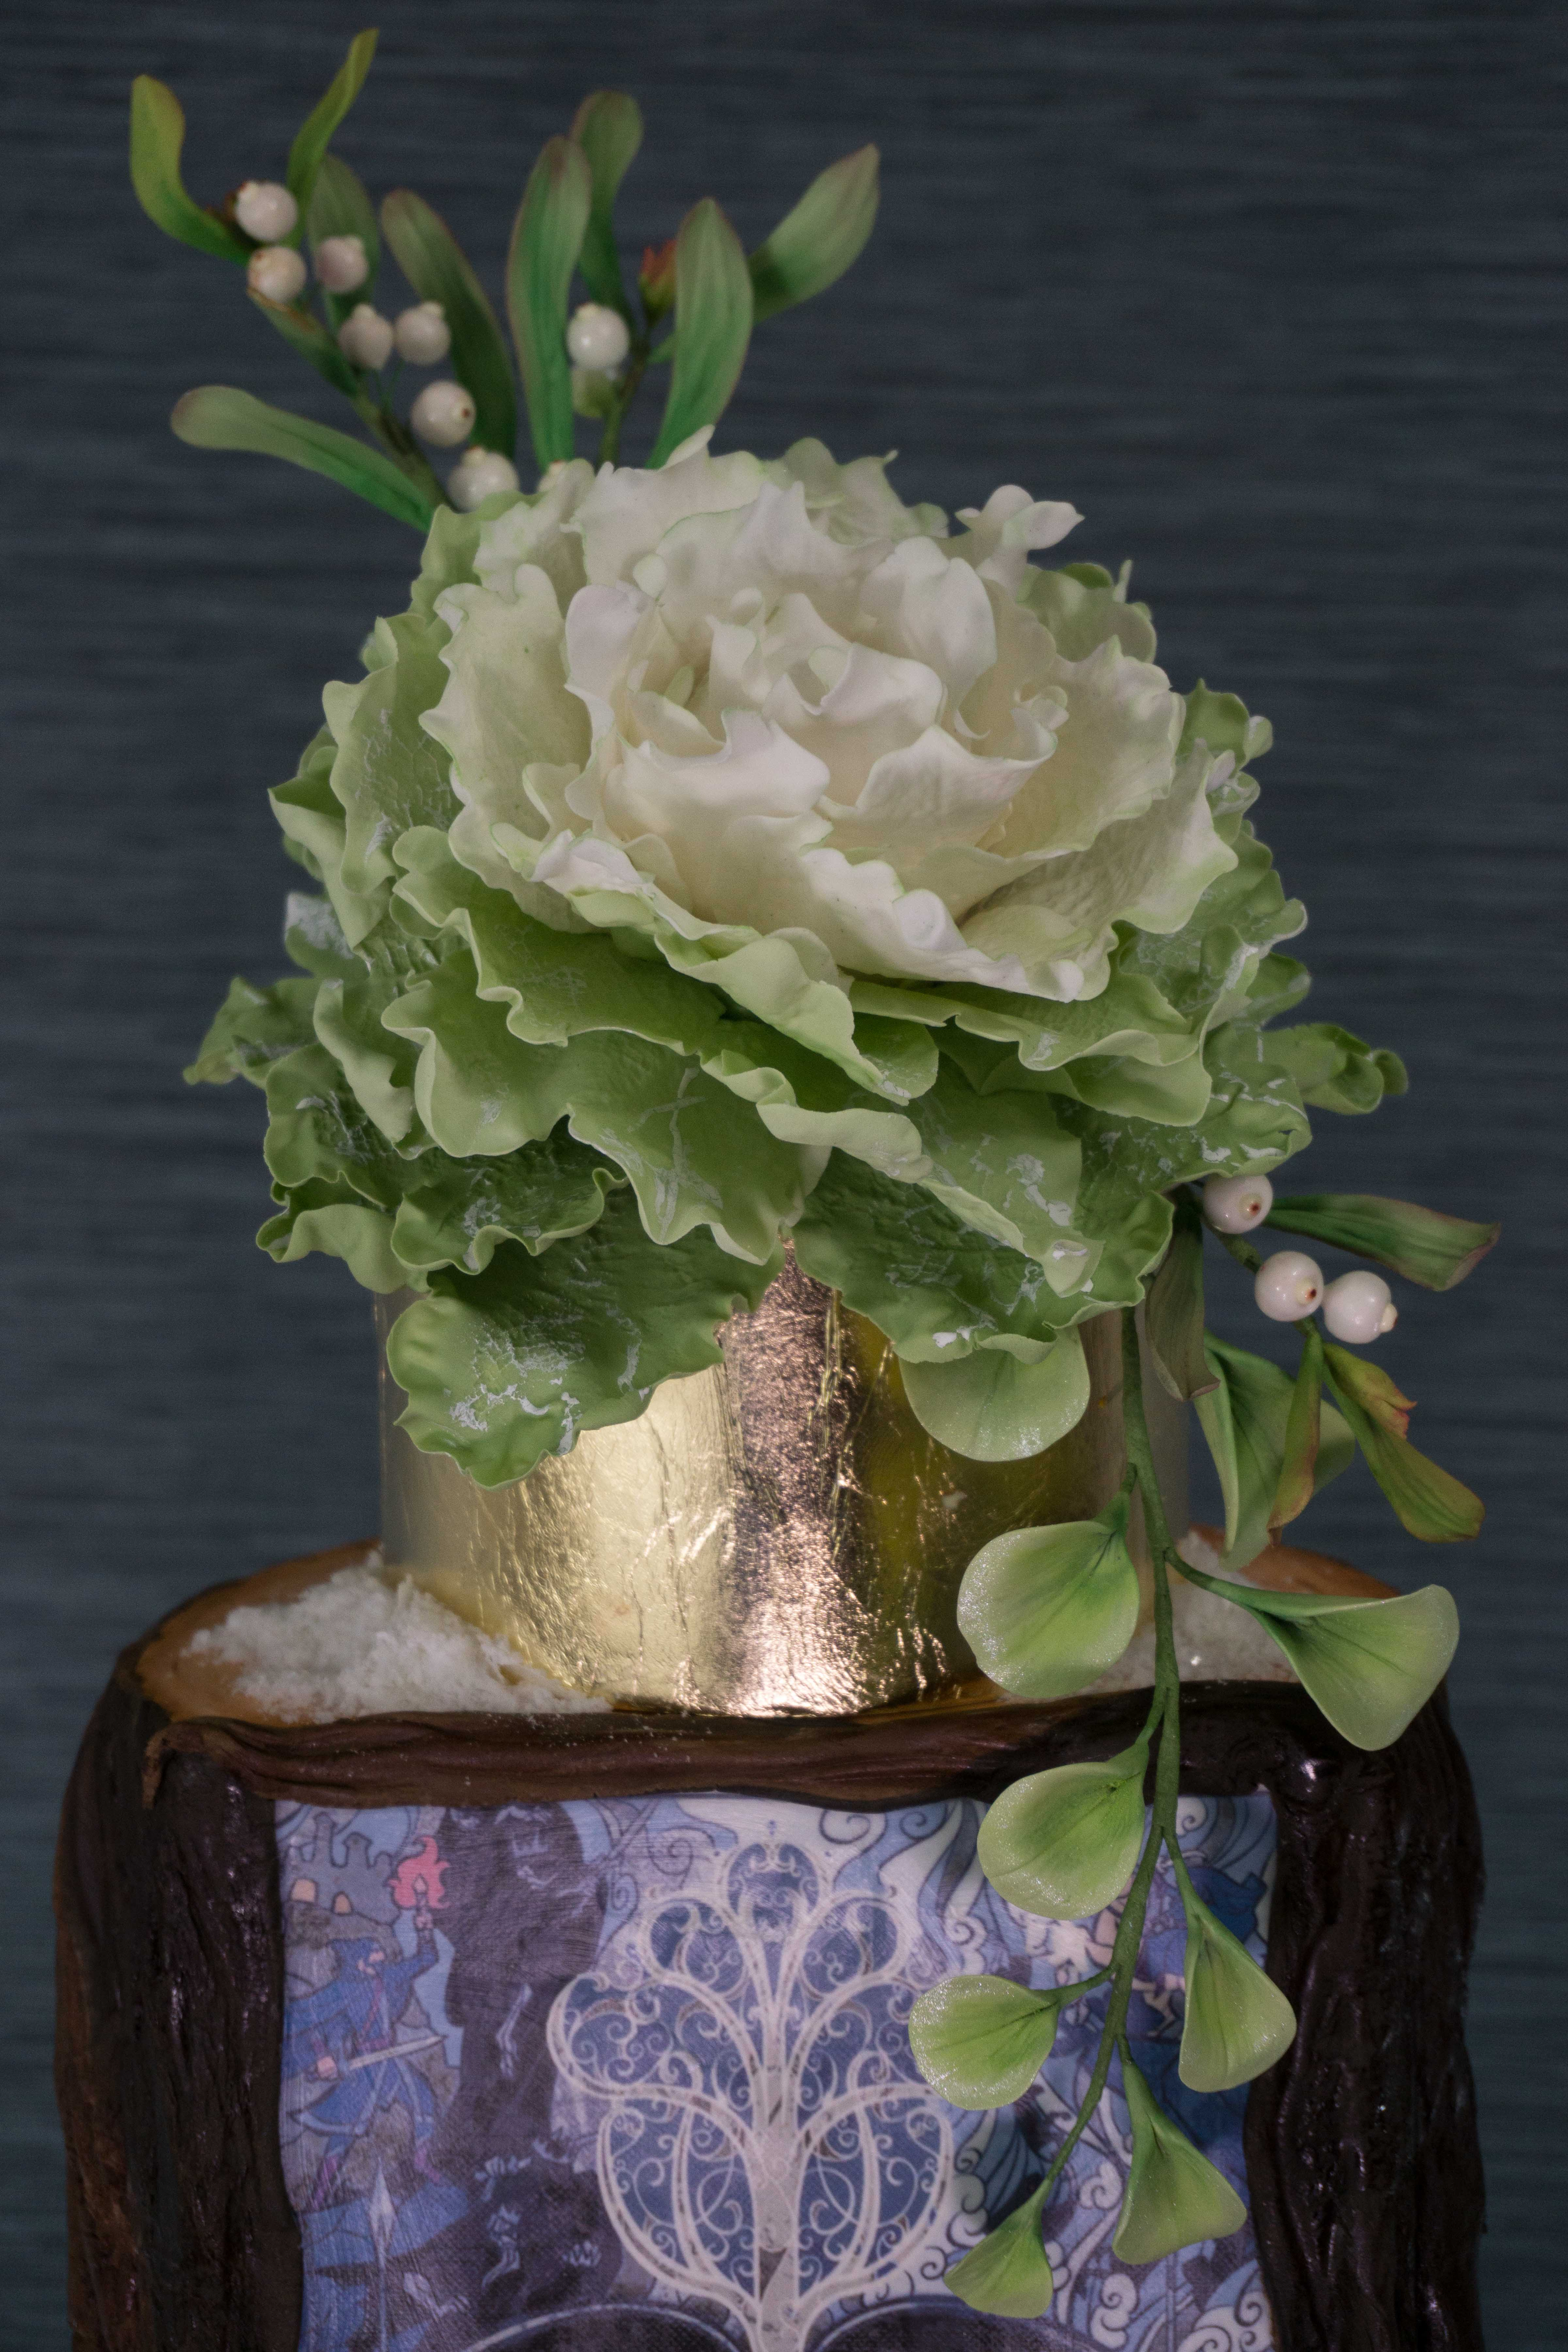 Nina-Notaro-Cake-Studio-Wedding-Elegant-30-1.jpg#asset:16129